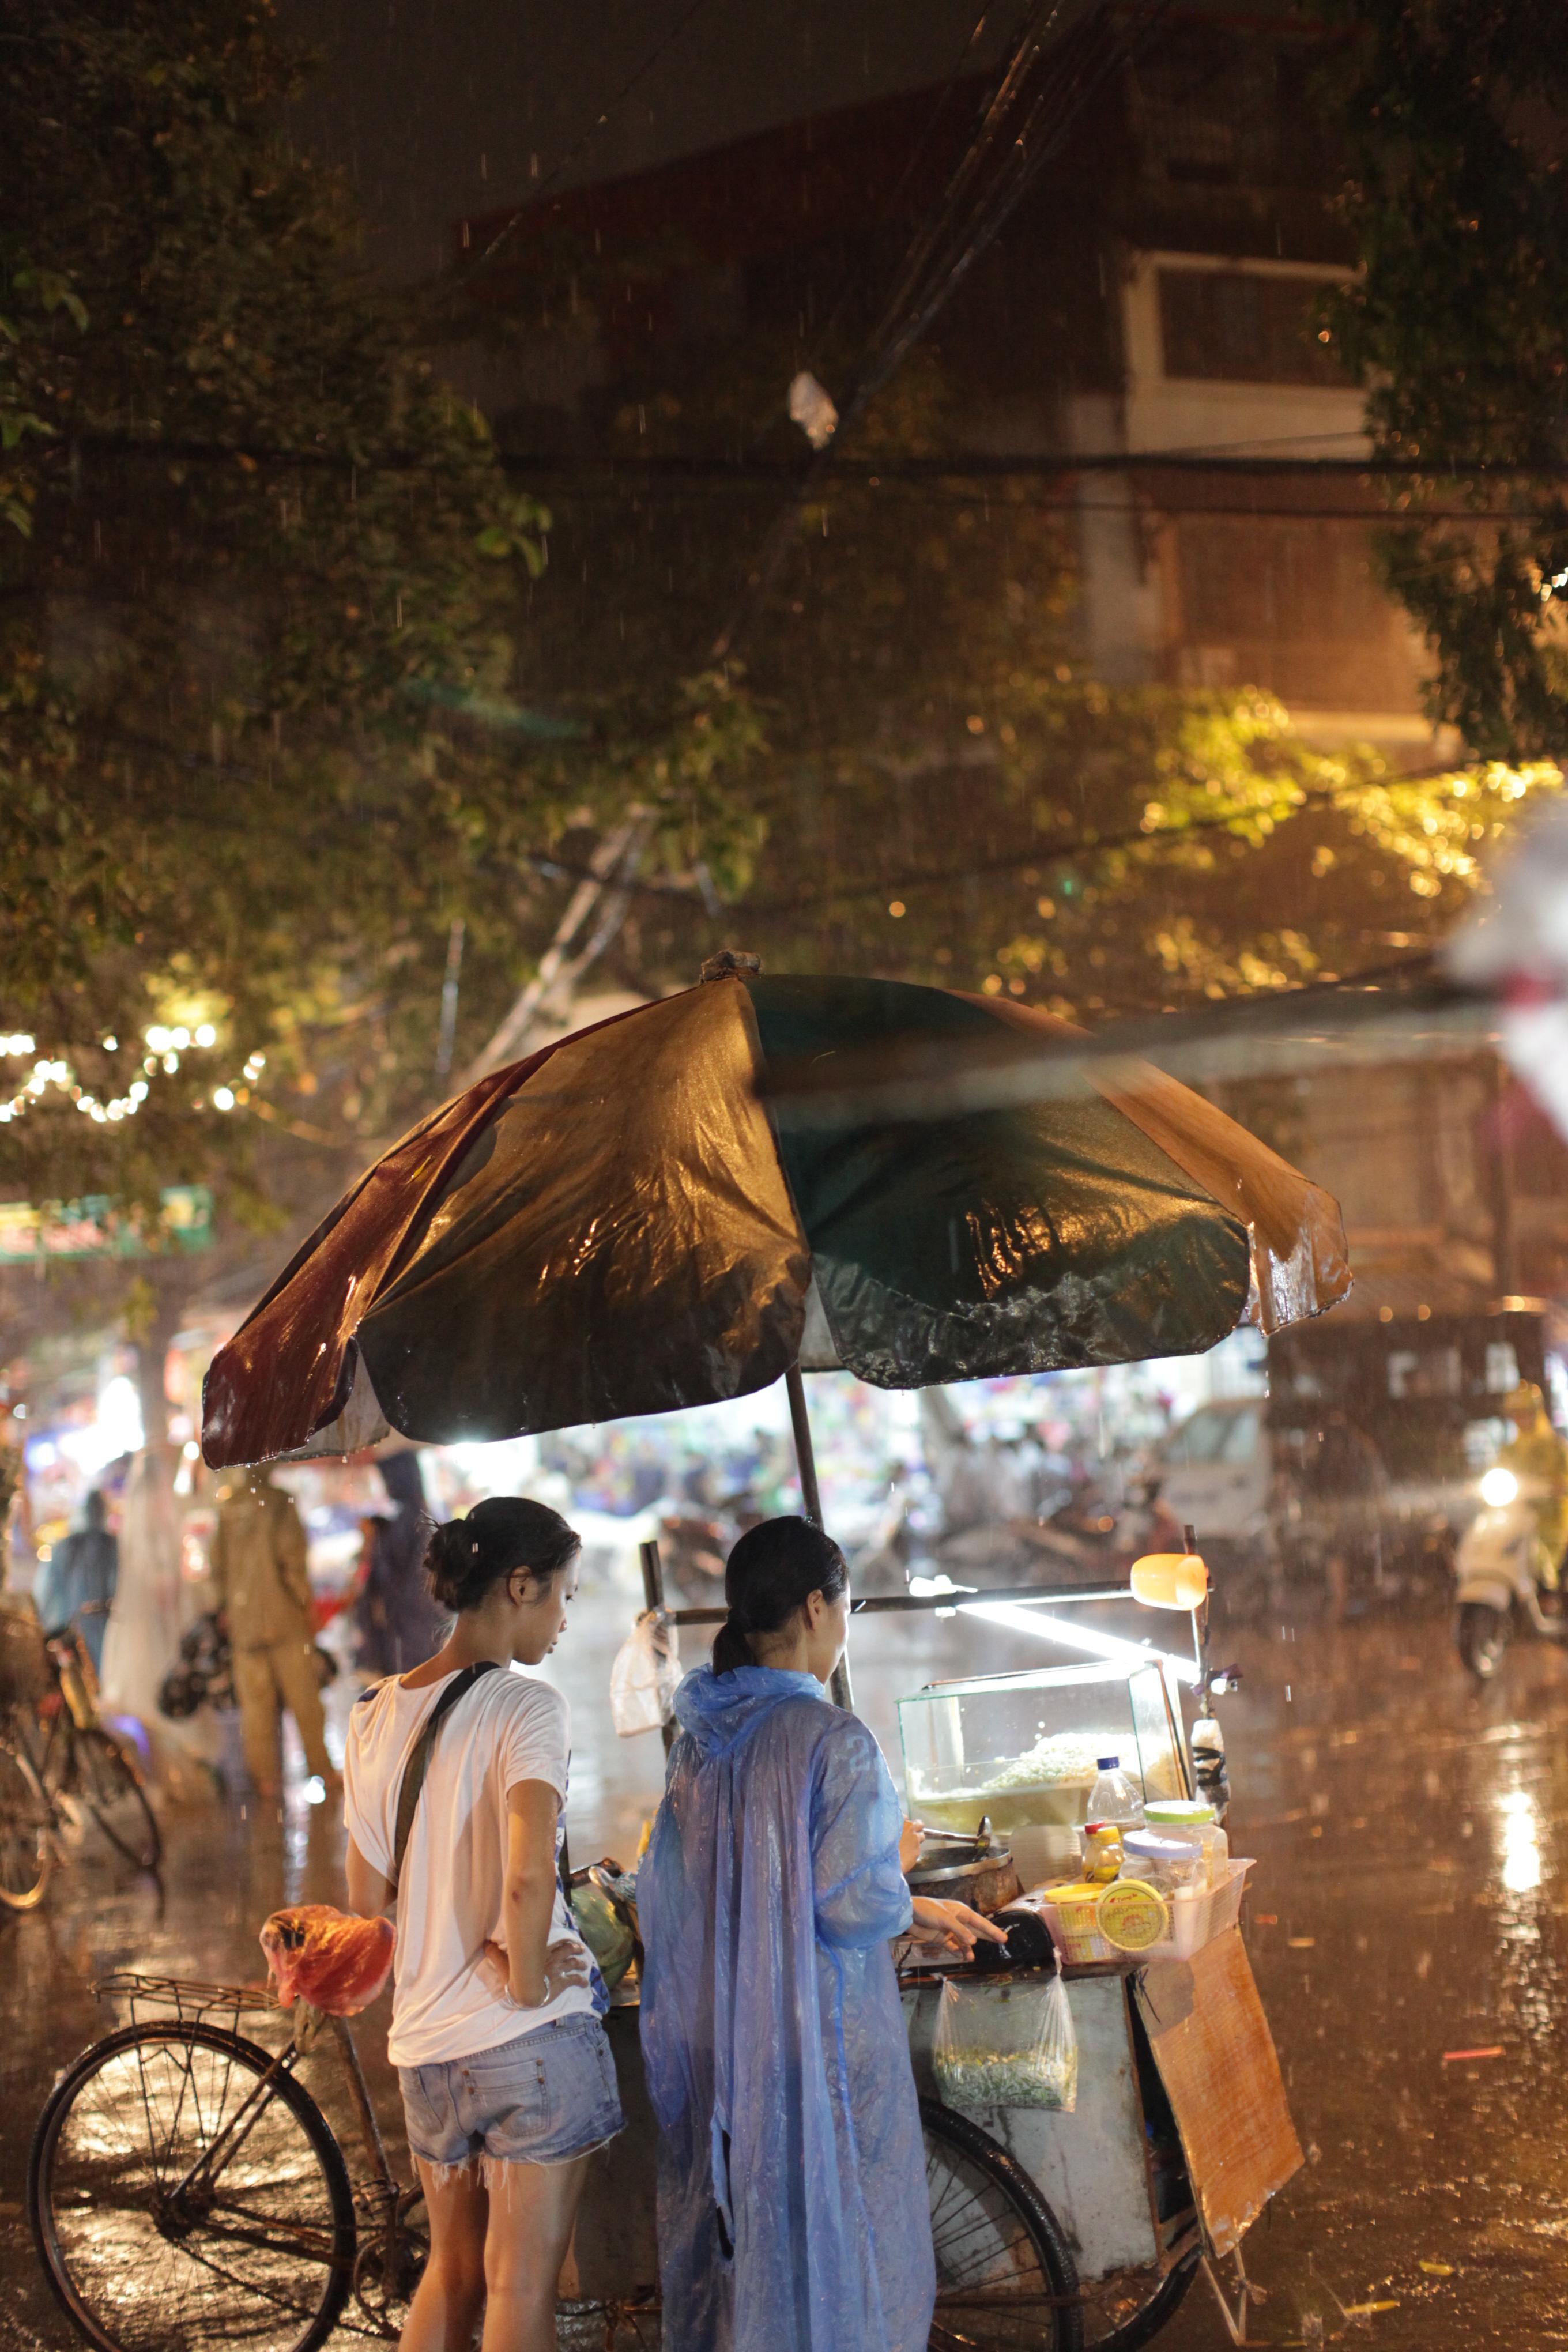 Vietnam Sept 2012 -051